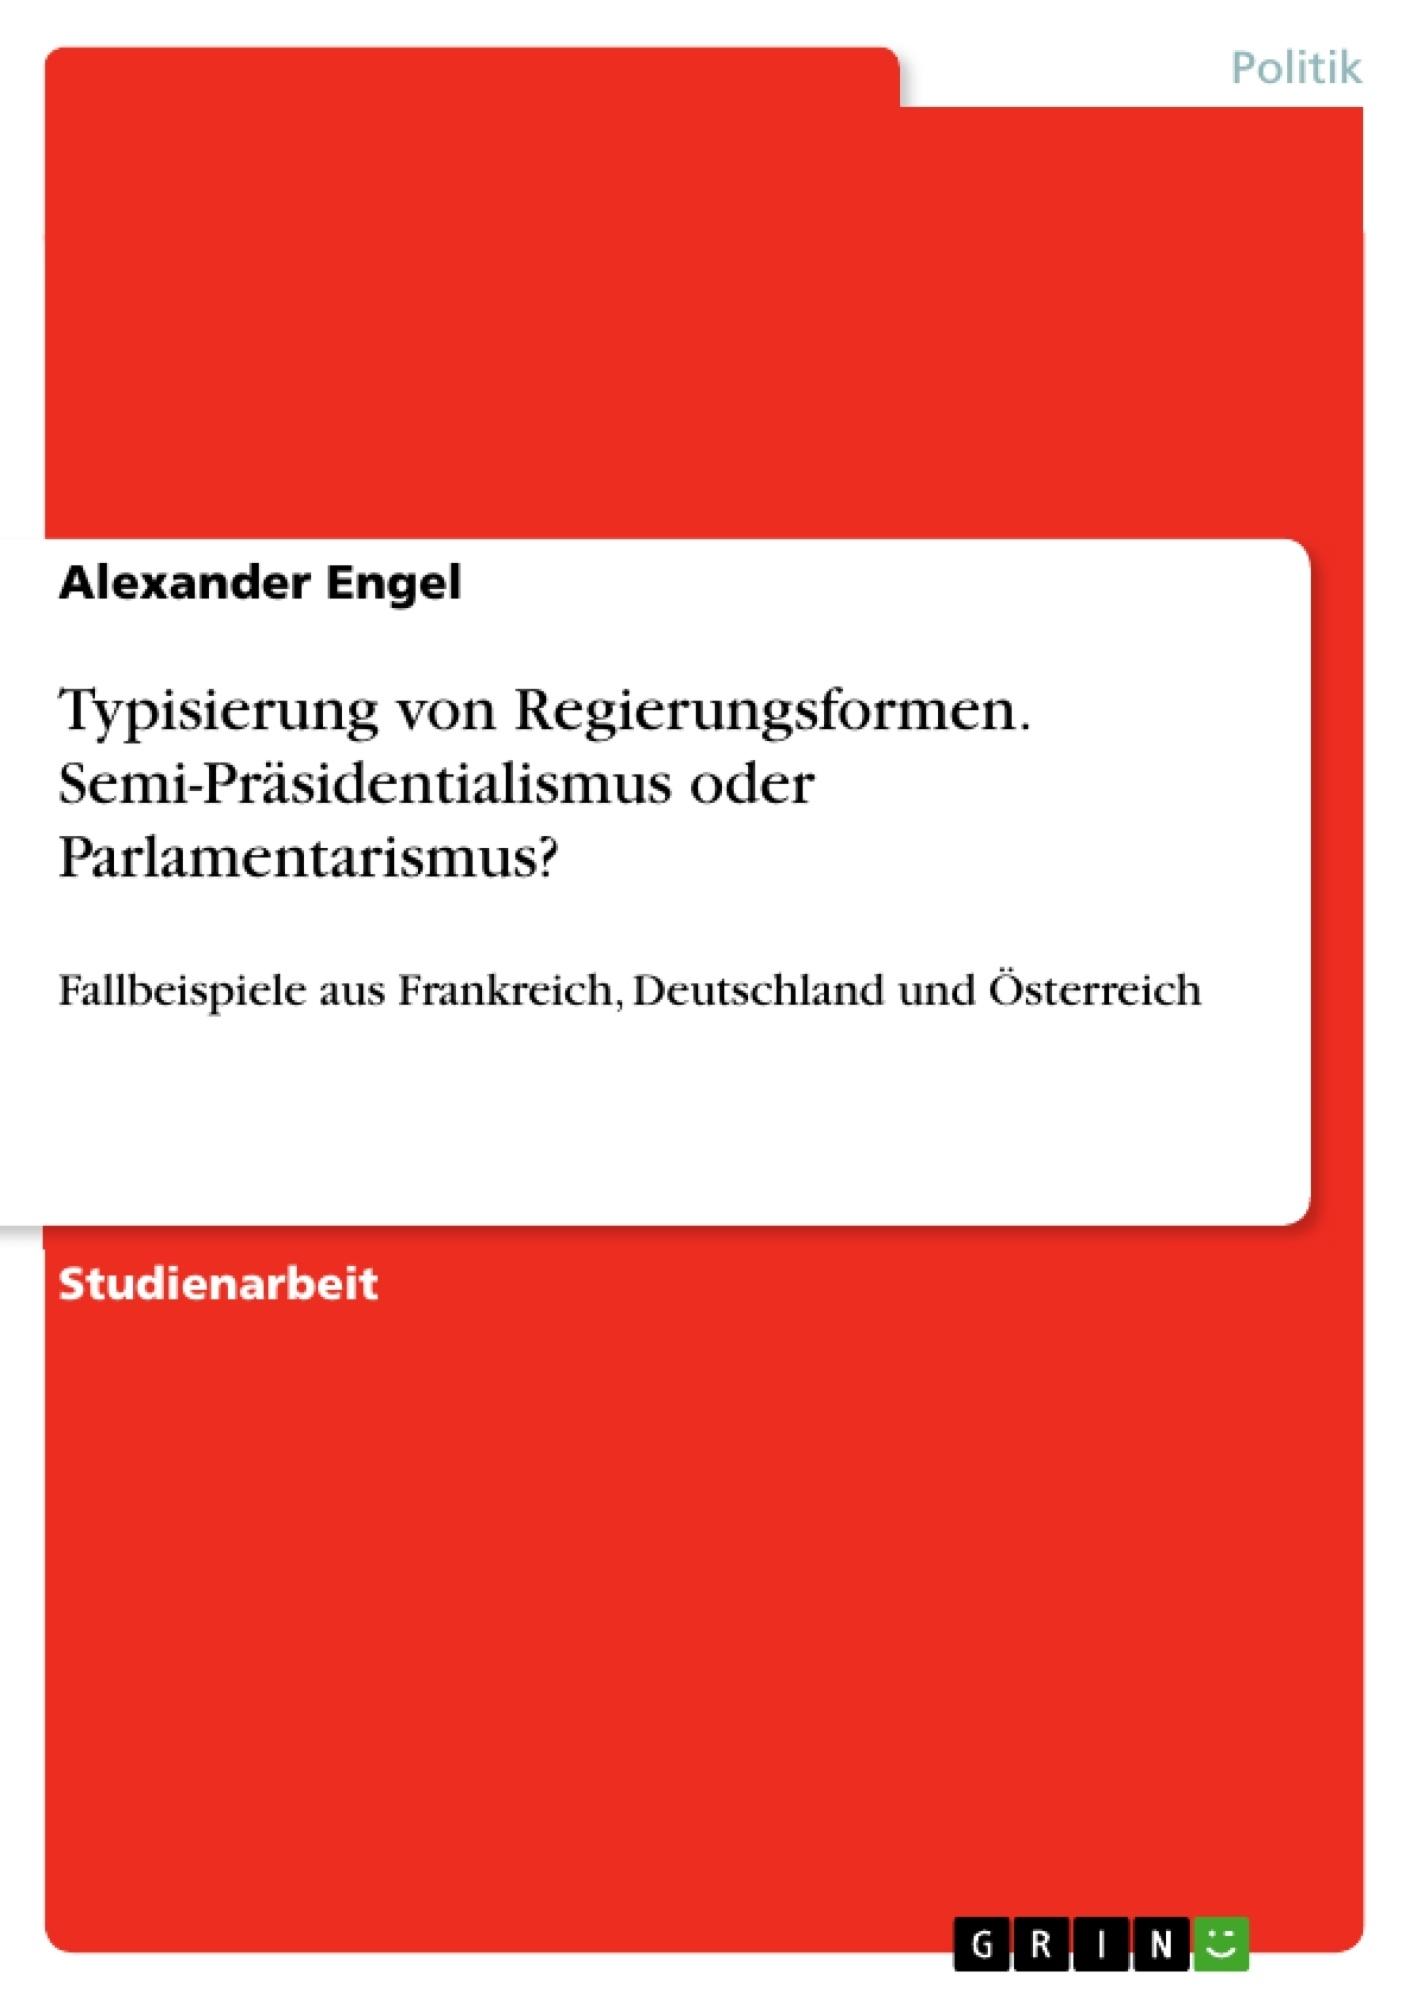 Titel: Typisierung von Regierungsformen. Semi-Präsidentialismus oder Parlamentarismus?